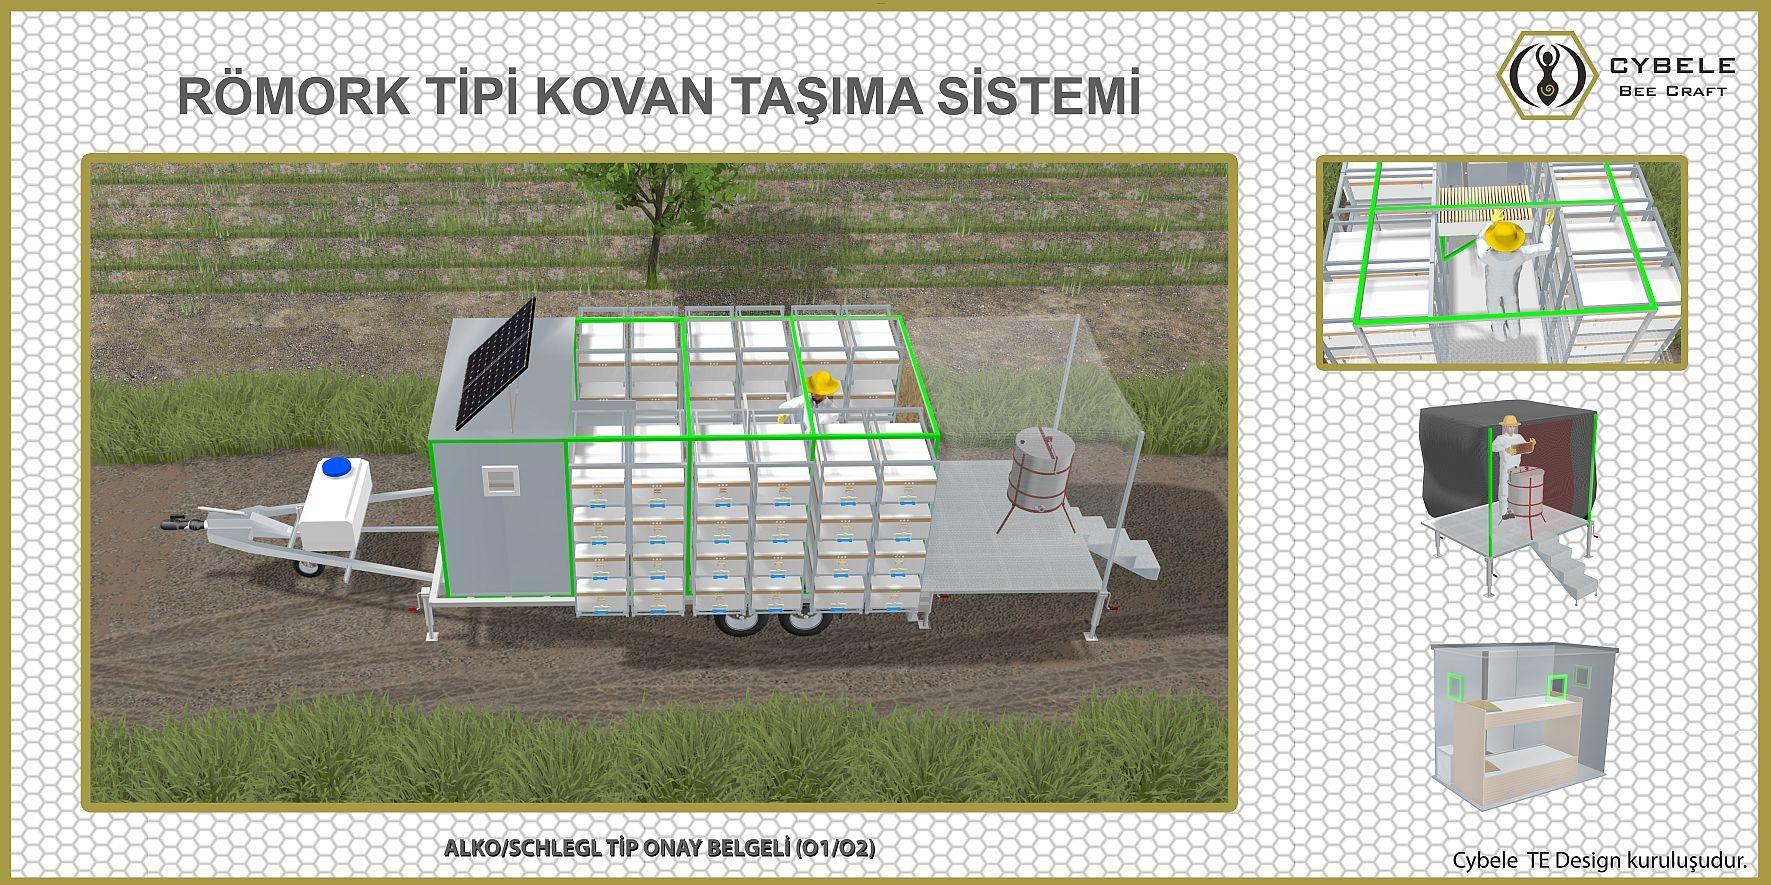 CYBELE Mobil Arıcılık römork tipi kovan taşıma Sistemi